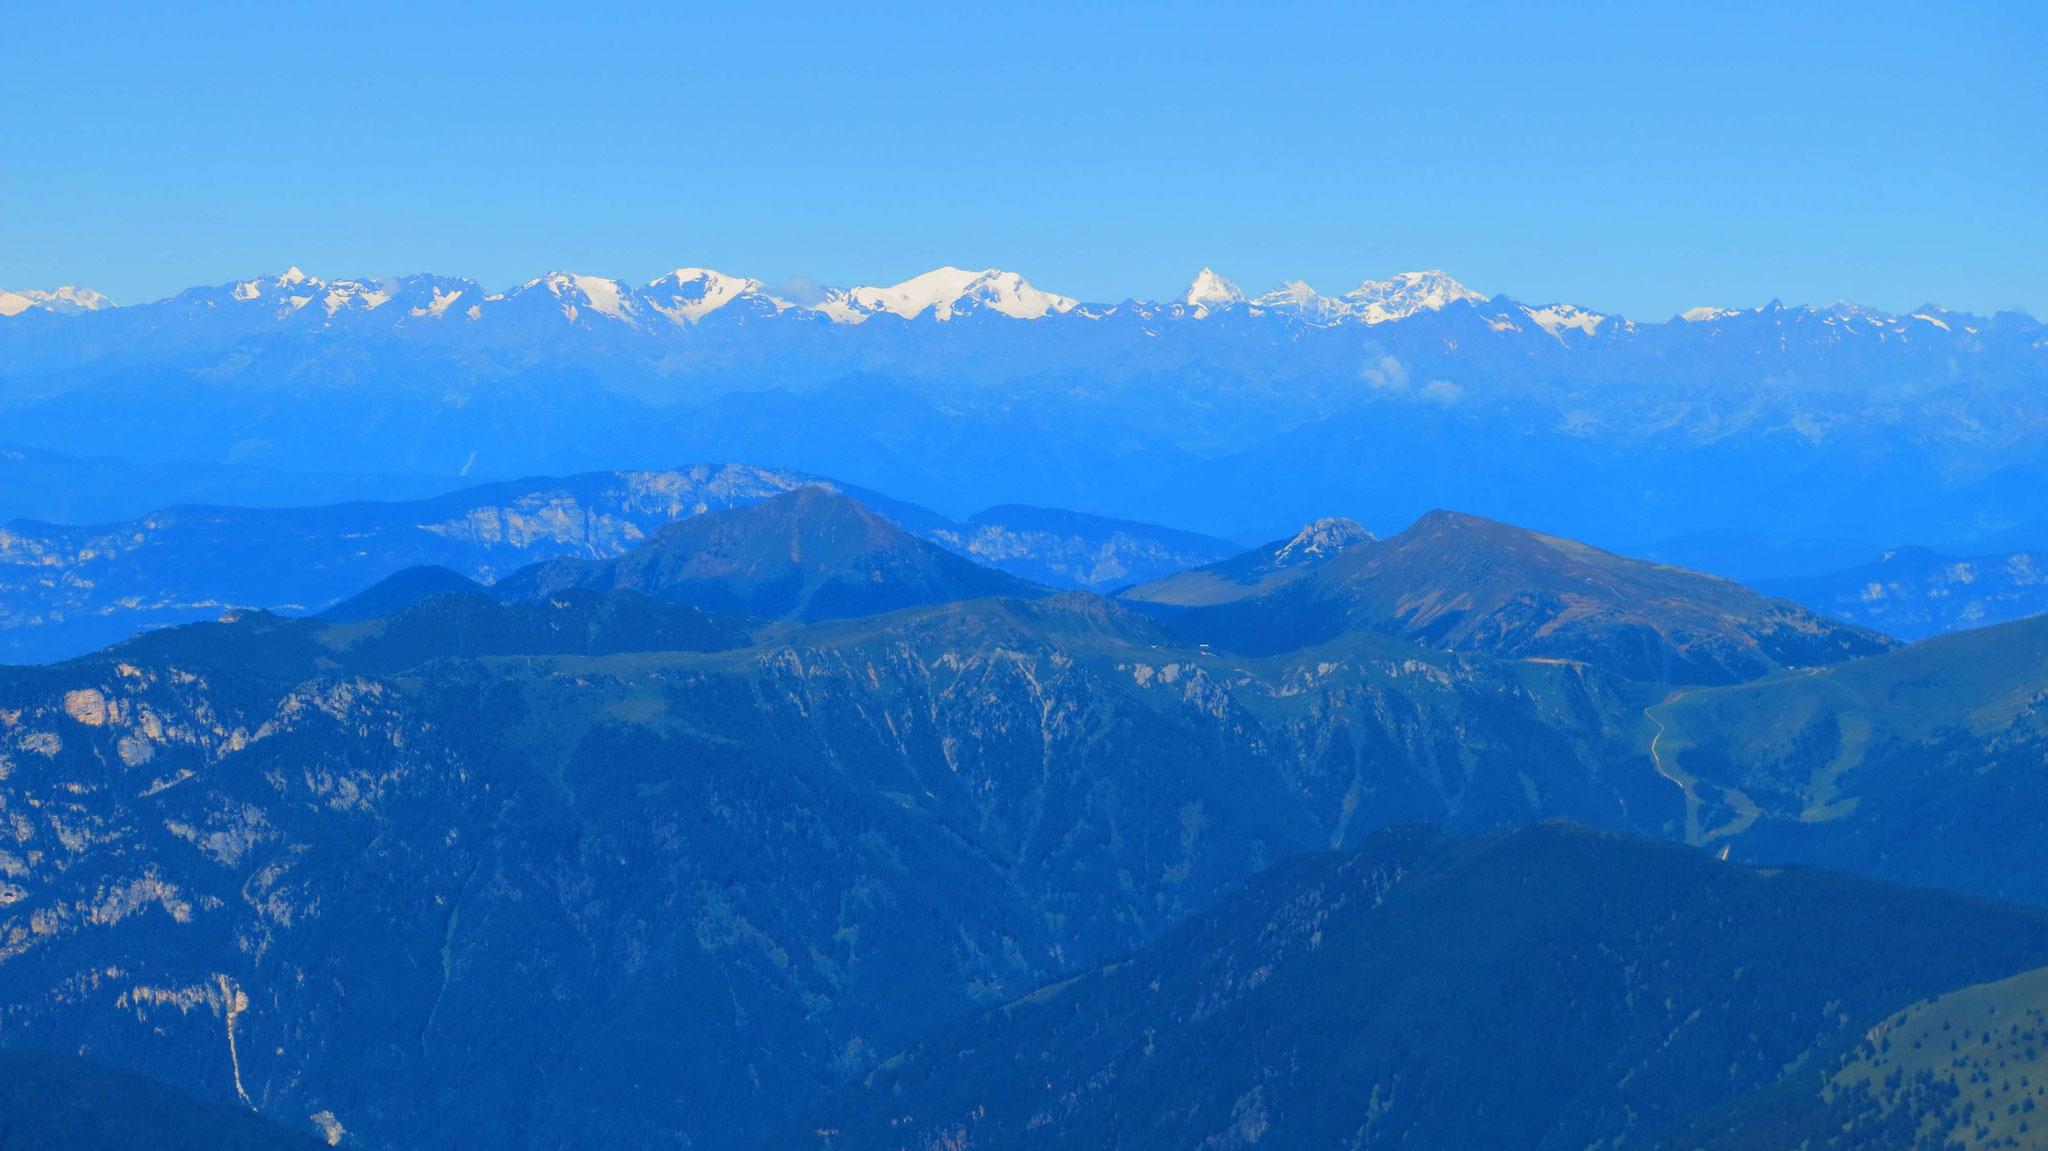 Cevedale, Königsspitze und Ortler 95km entfernt im Nordwesten